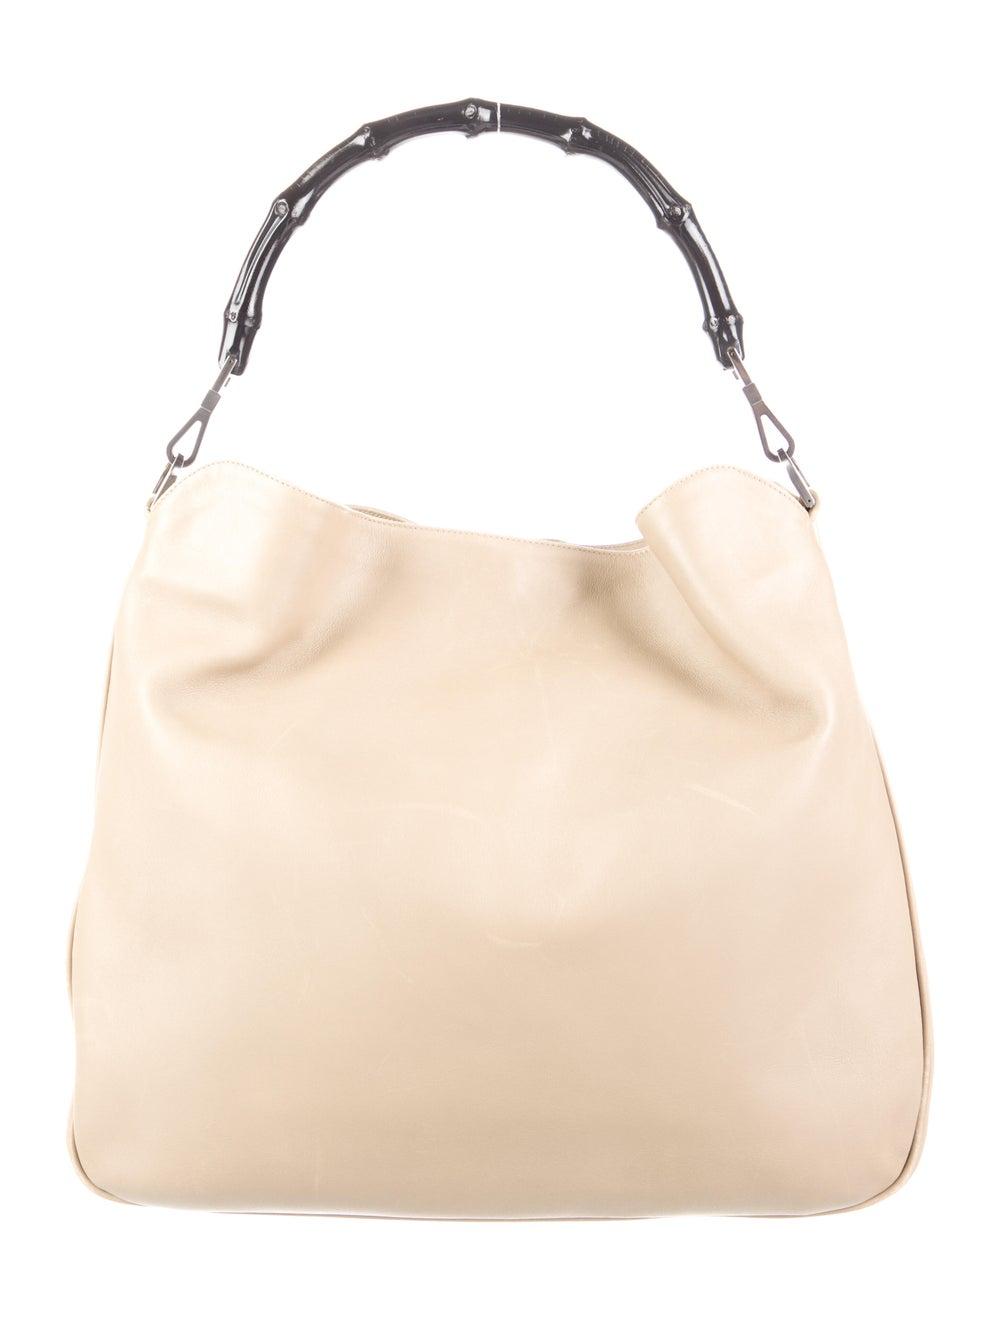 Gucci Medium Diana Bamboo Shoulder Bag Silver - image 4